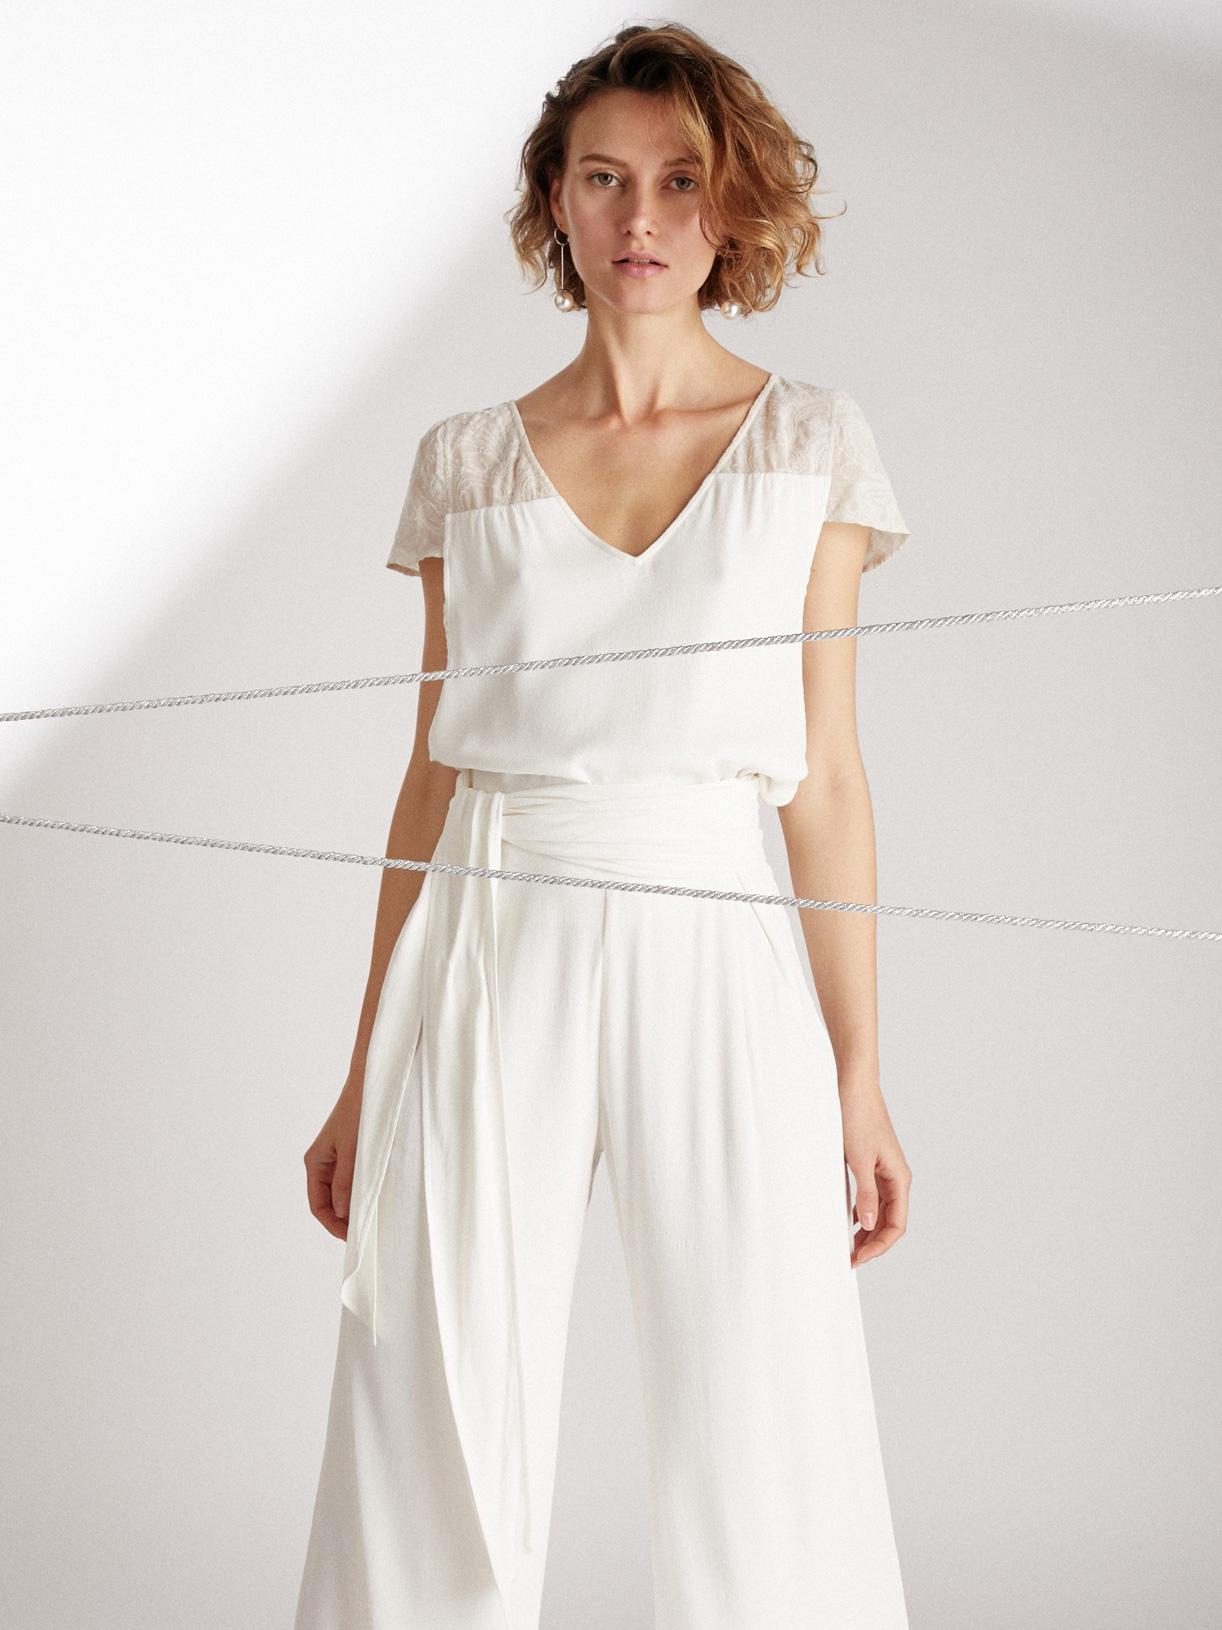 AMOUR - Pantalon de mariée large et fendu avec ceinture large éthique et sur-mesure - Myphilosophy